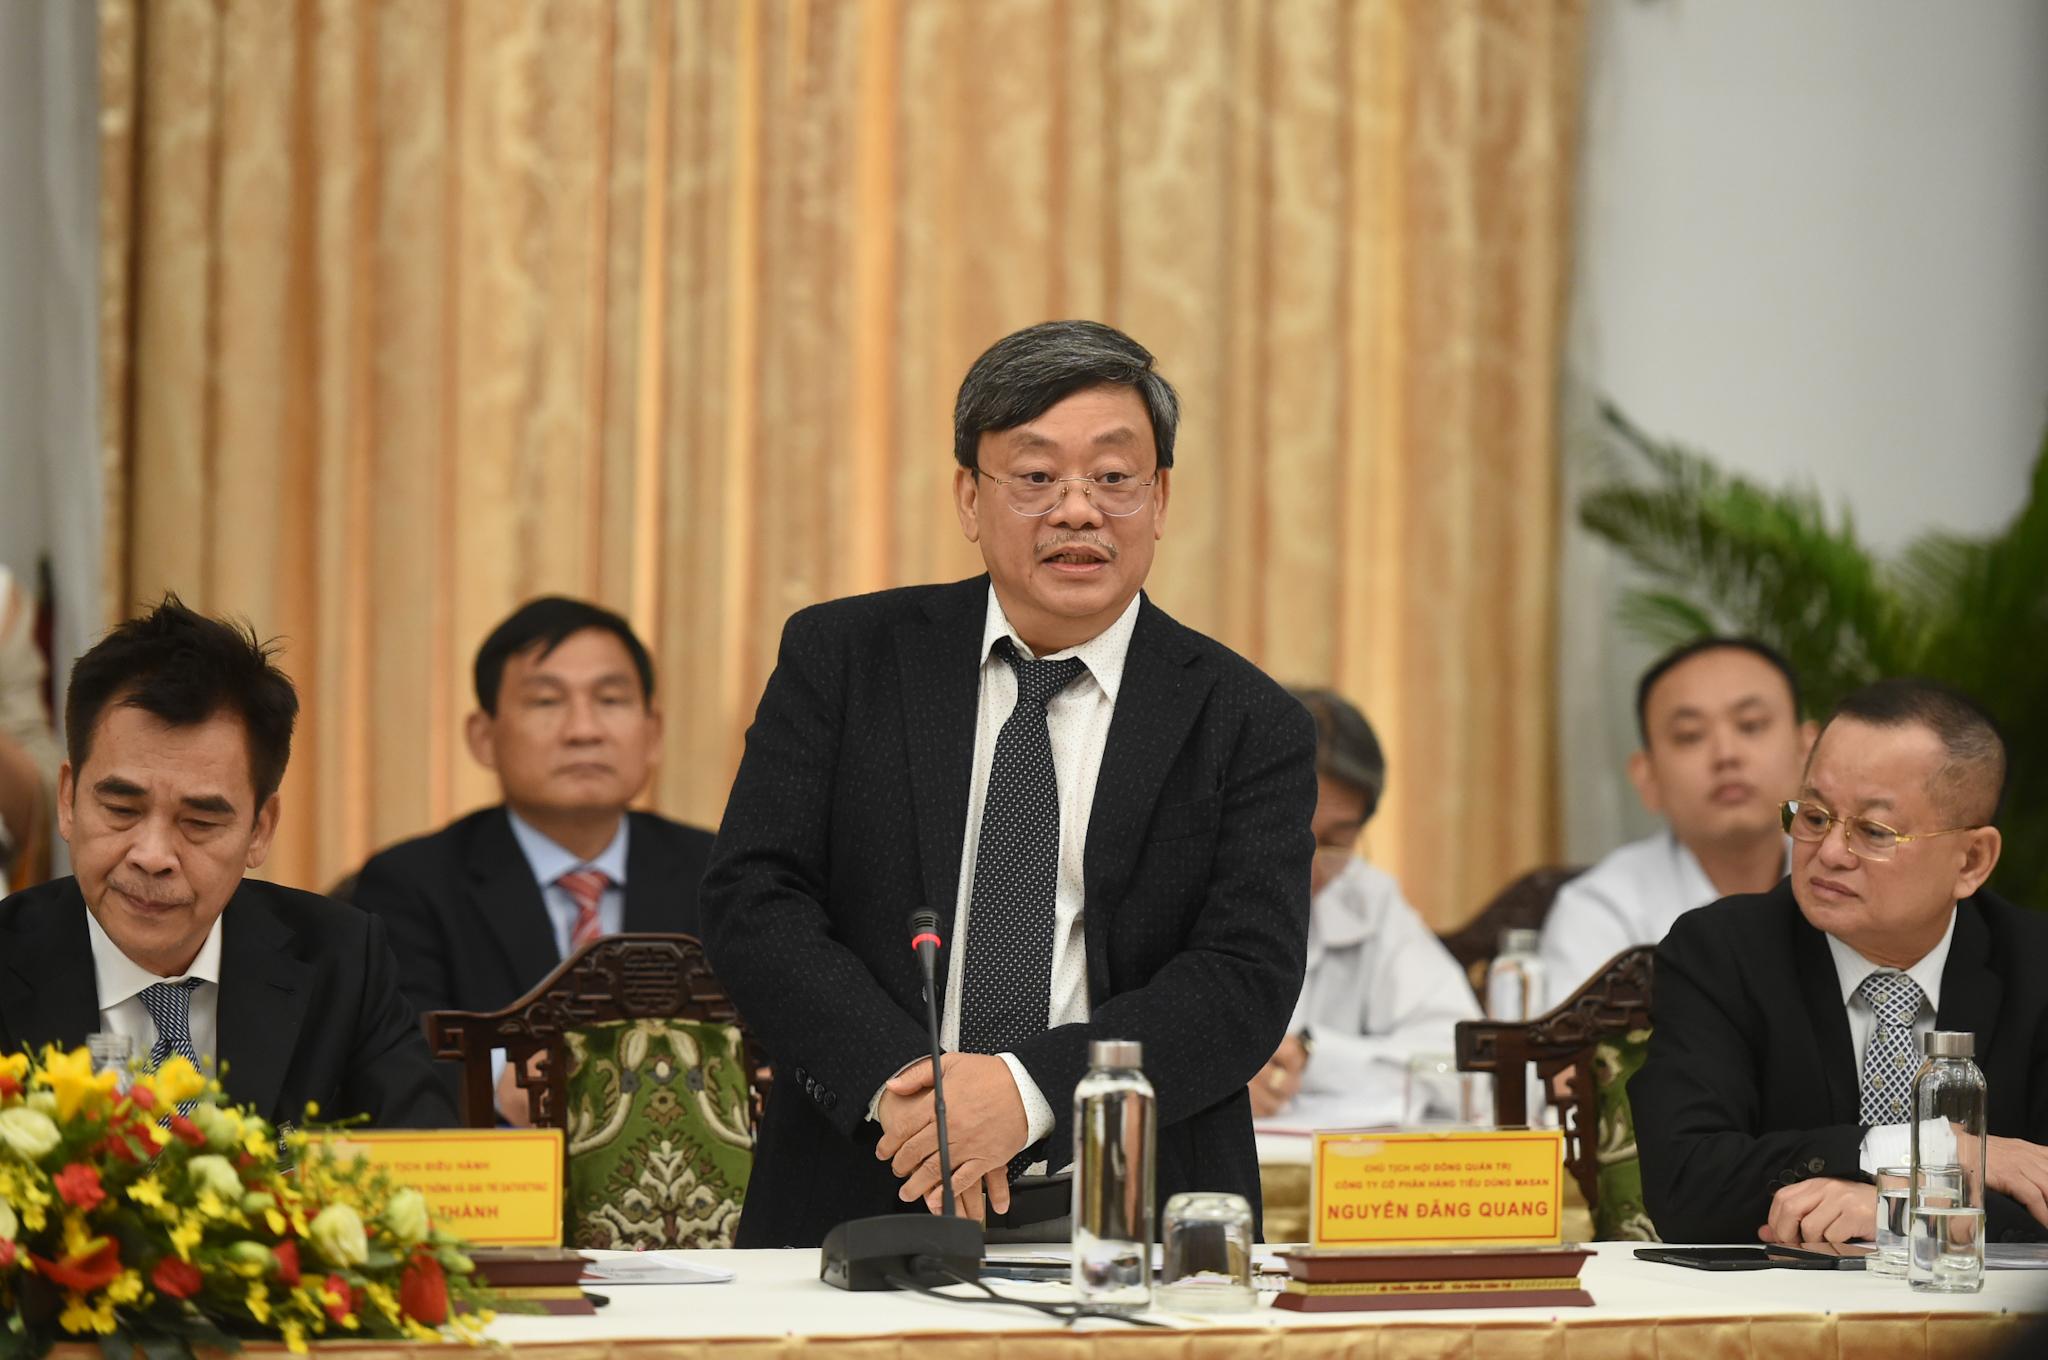 Đối thoại 2045: Để có Việt Nam hùng cường, doanh nghiệp lớn ấp ủ khát vọng lớn - Ảnh 2.